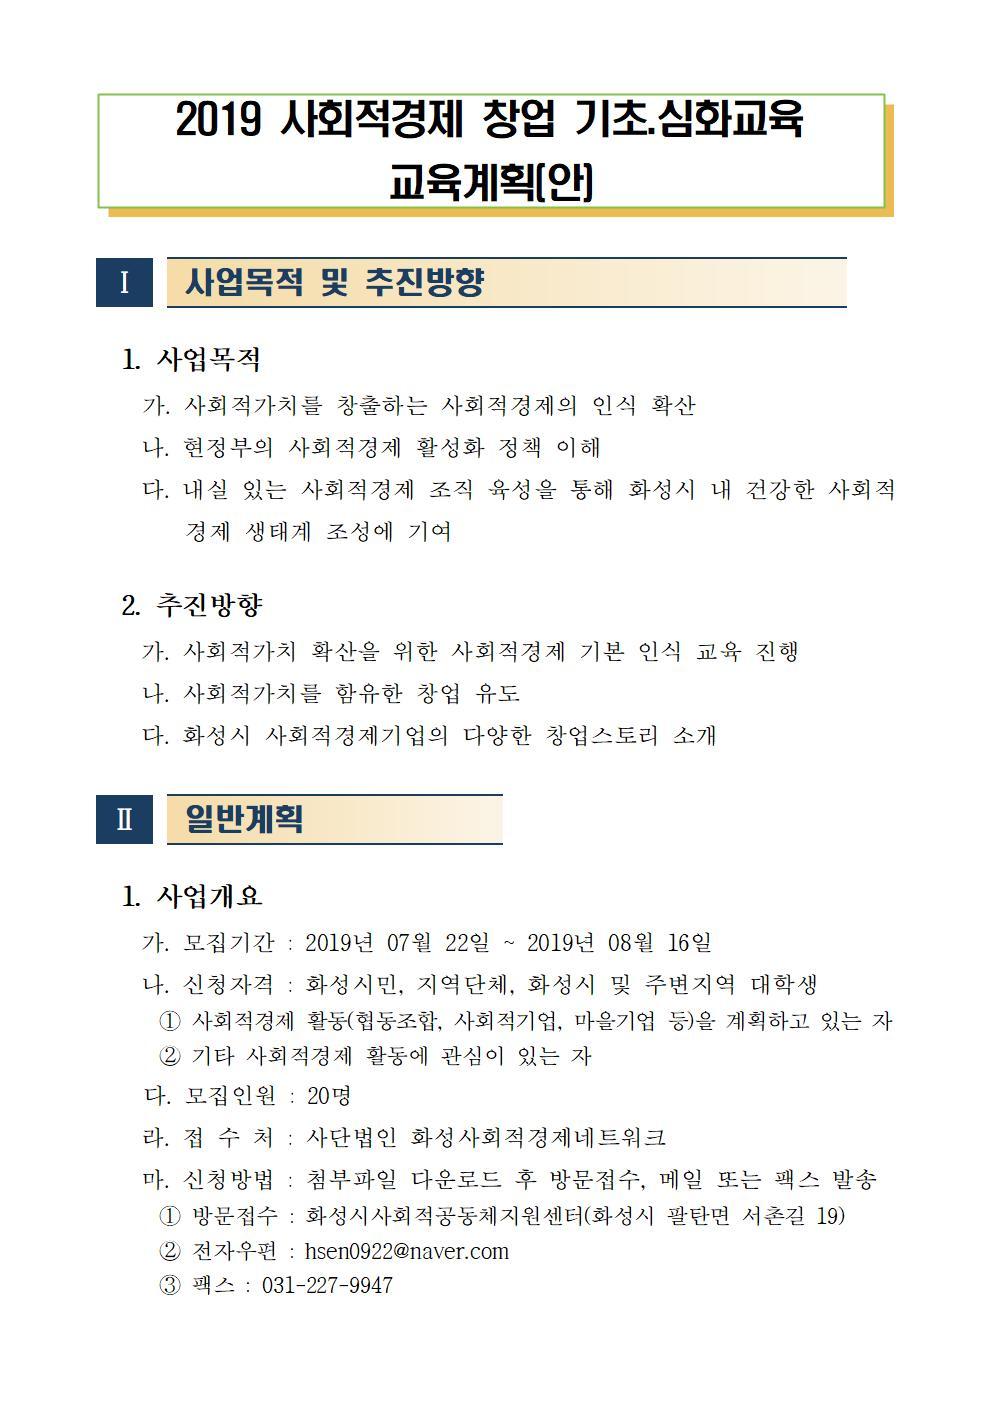 2019년 사회적경제아카데미 하반기 기초심화 (1)002